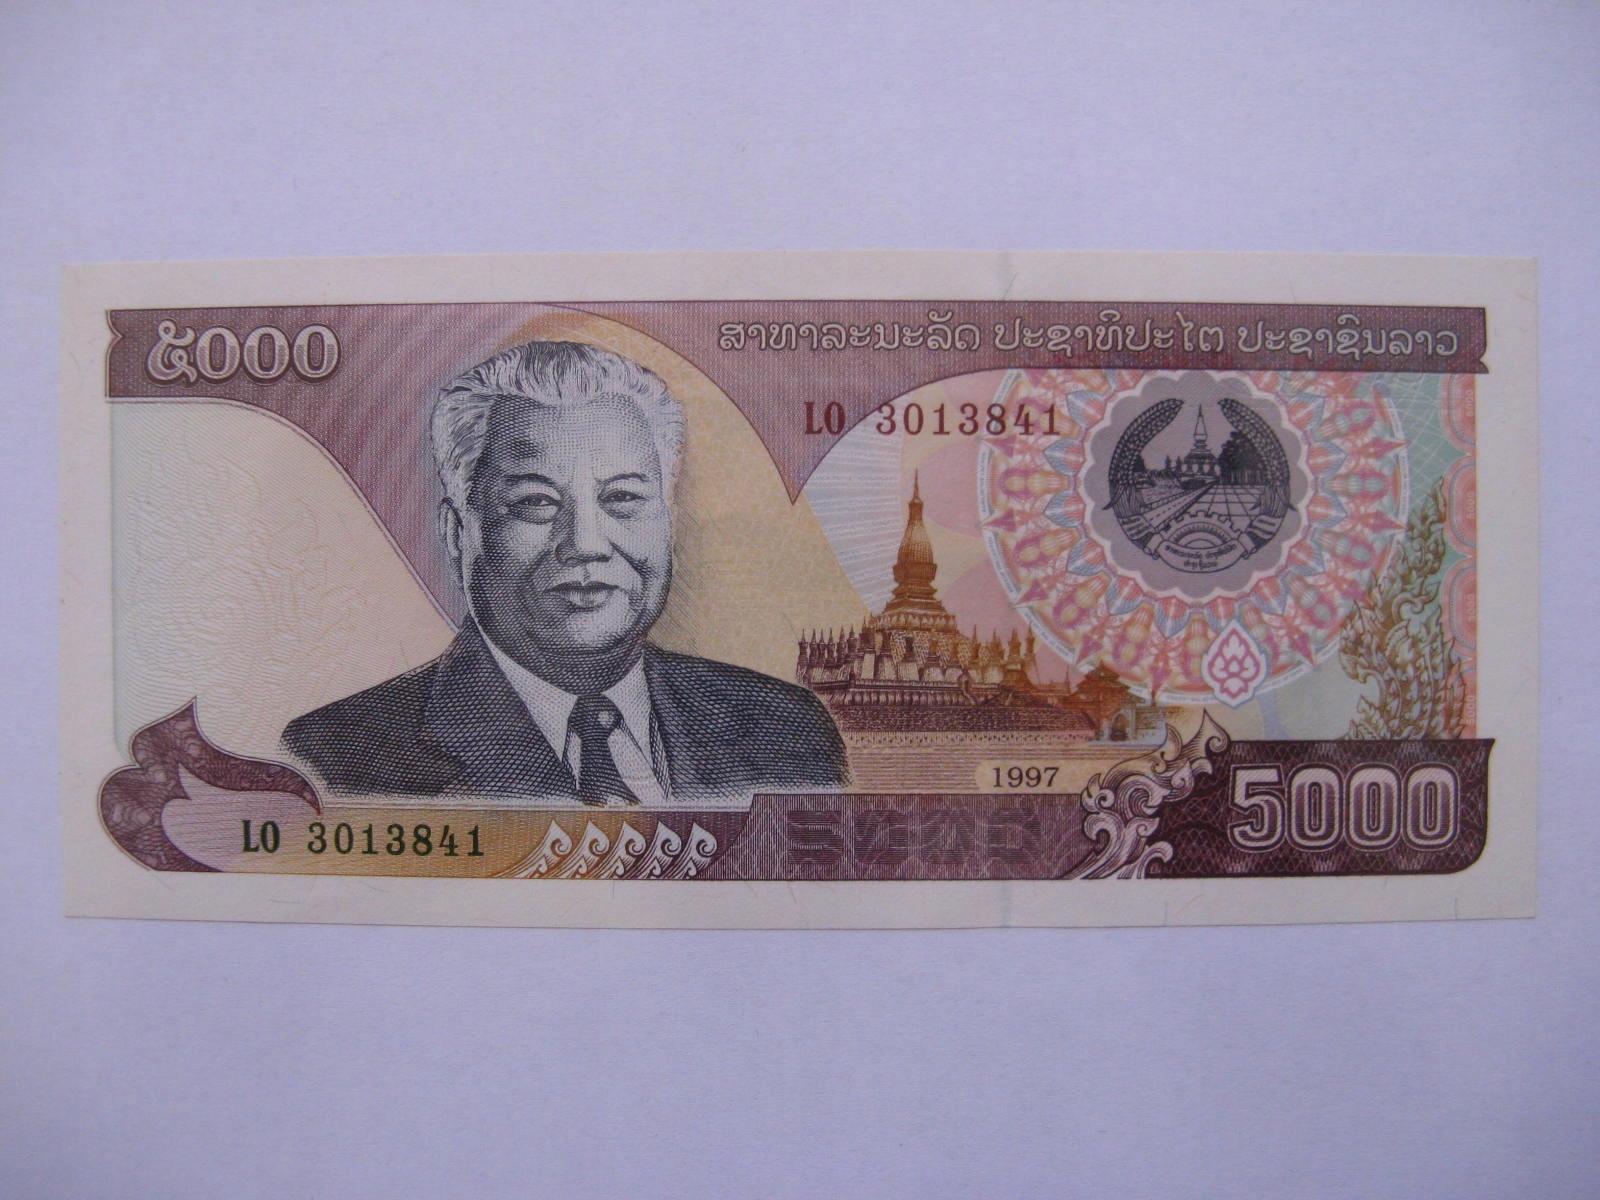 Лаос - 5000 кип - 1997 - P34a - St. 1